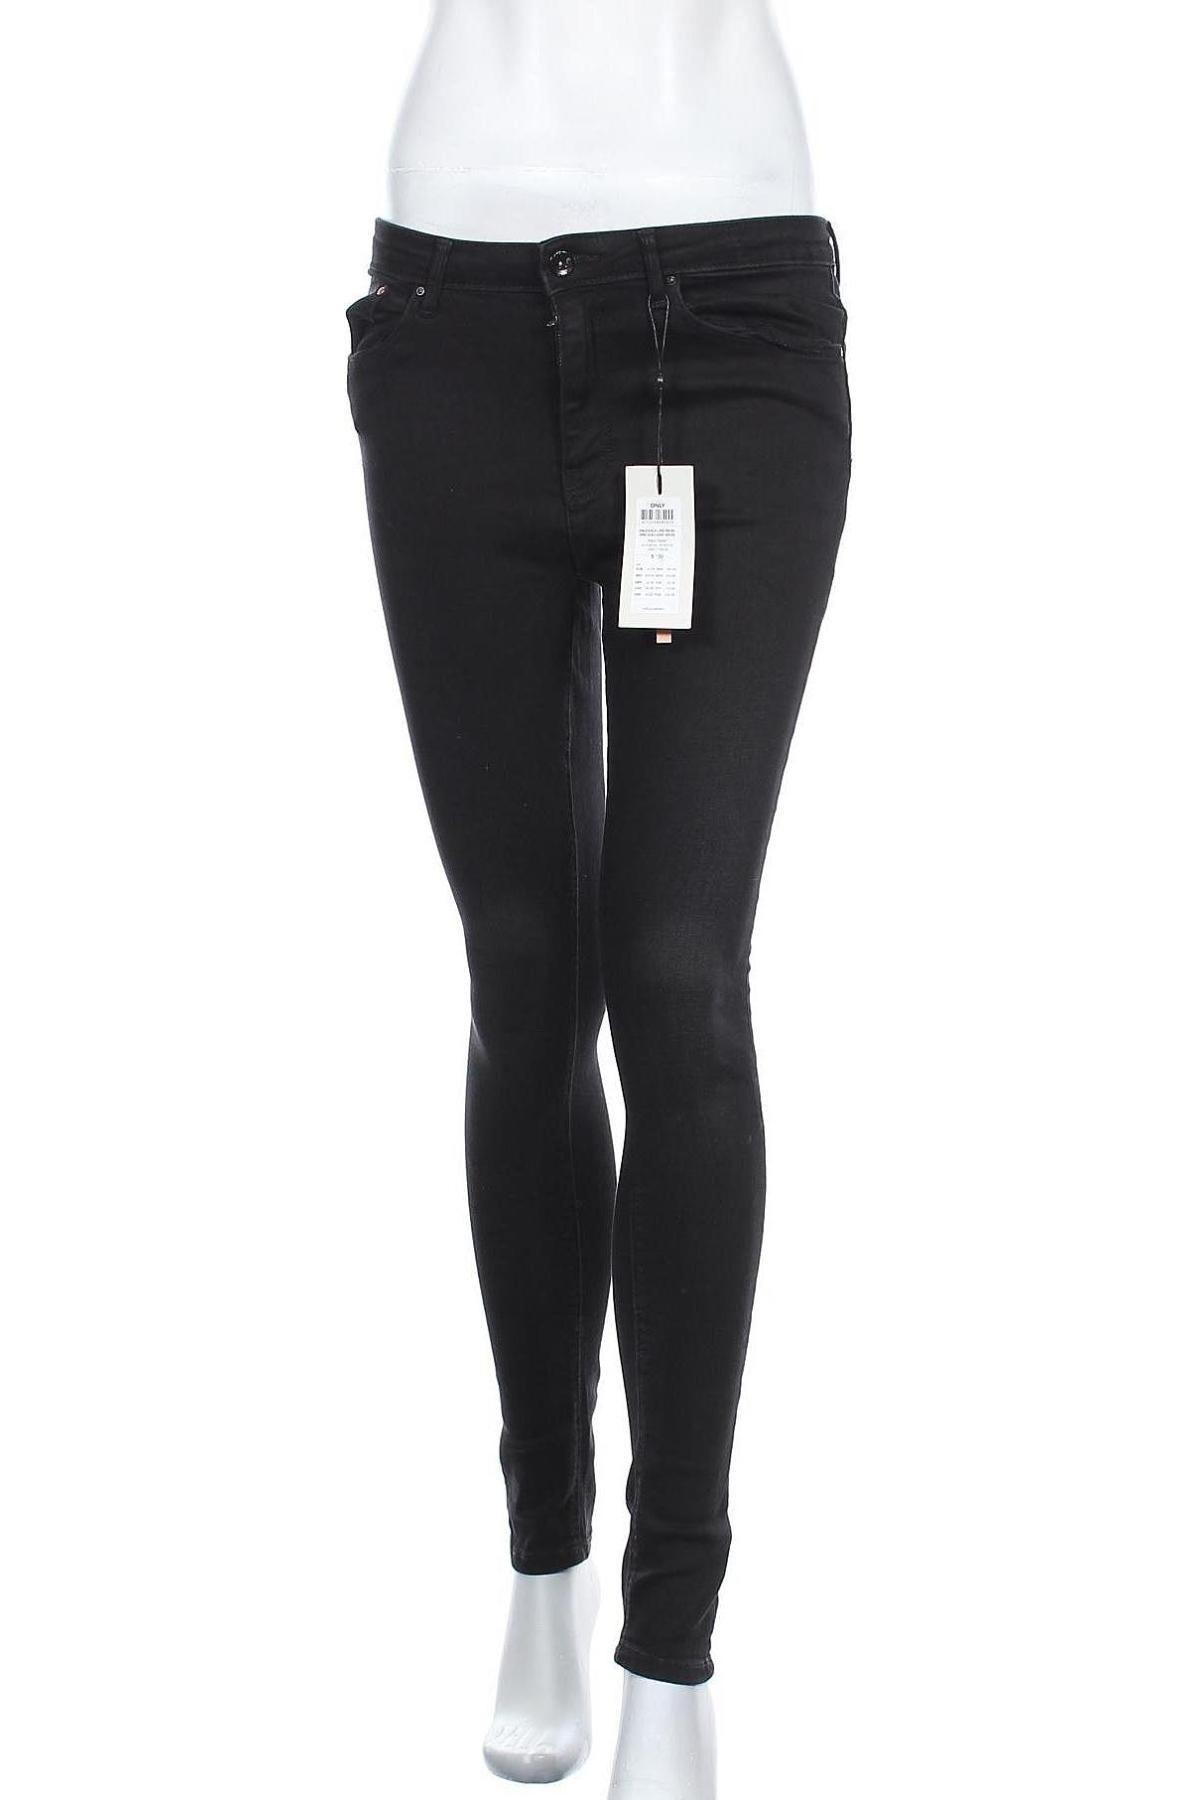 Дамски дънки ONLY, Размер S, Цвят Черен, 98% памук, 2% еластан, Цена 28,62лв.